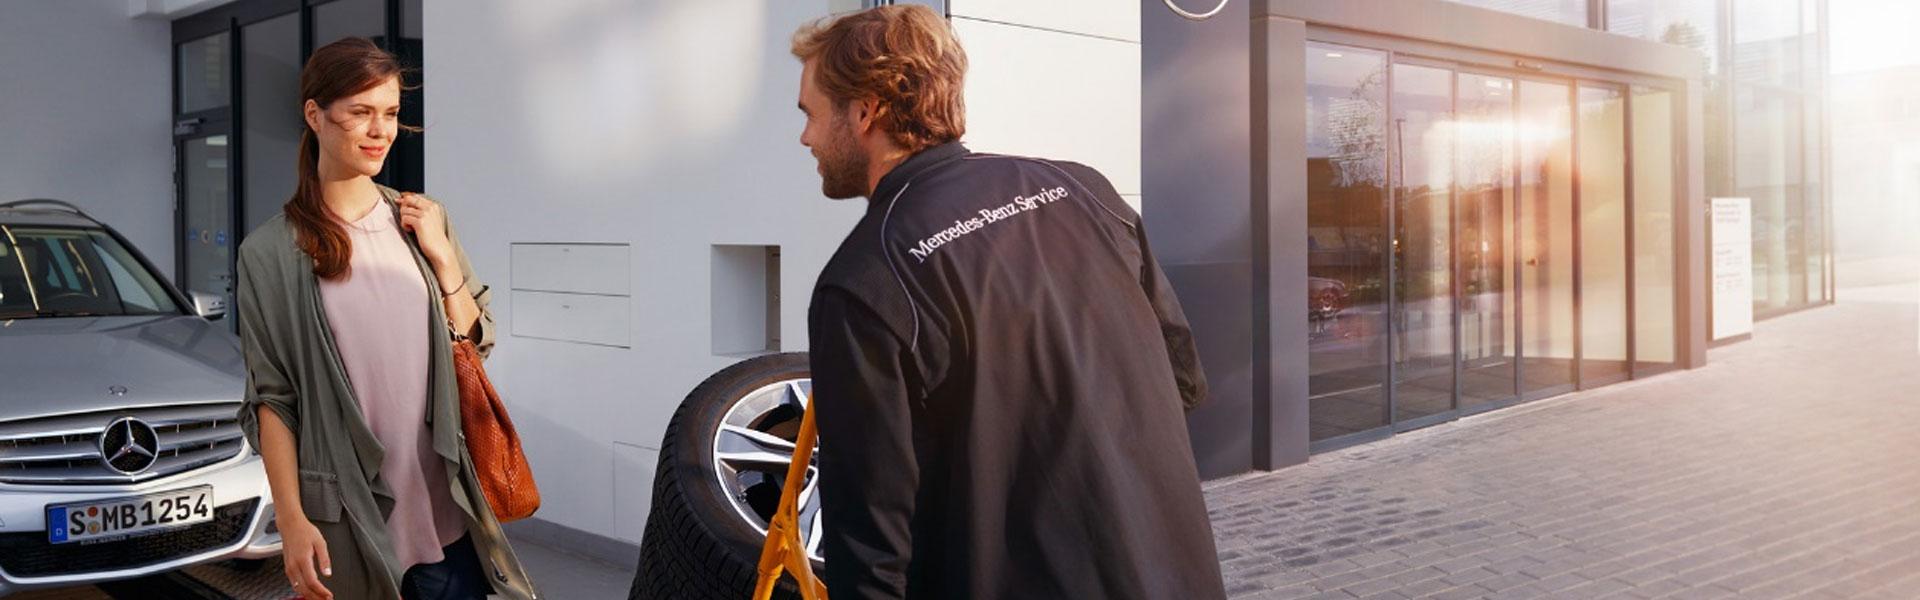 Mercedes-Benz-Mercedes-Brinkmann-Reifenservice-Reifeneinlagerung-Reifenwechsel